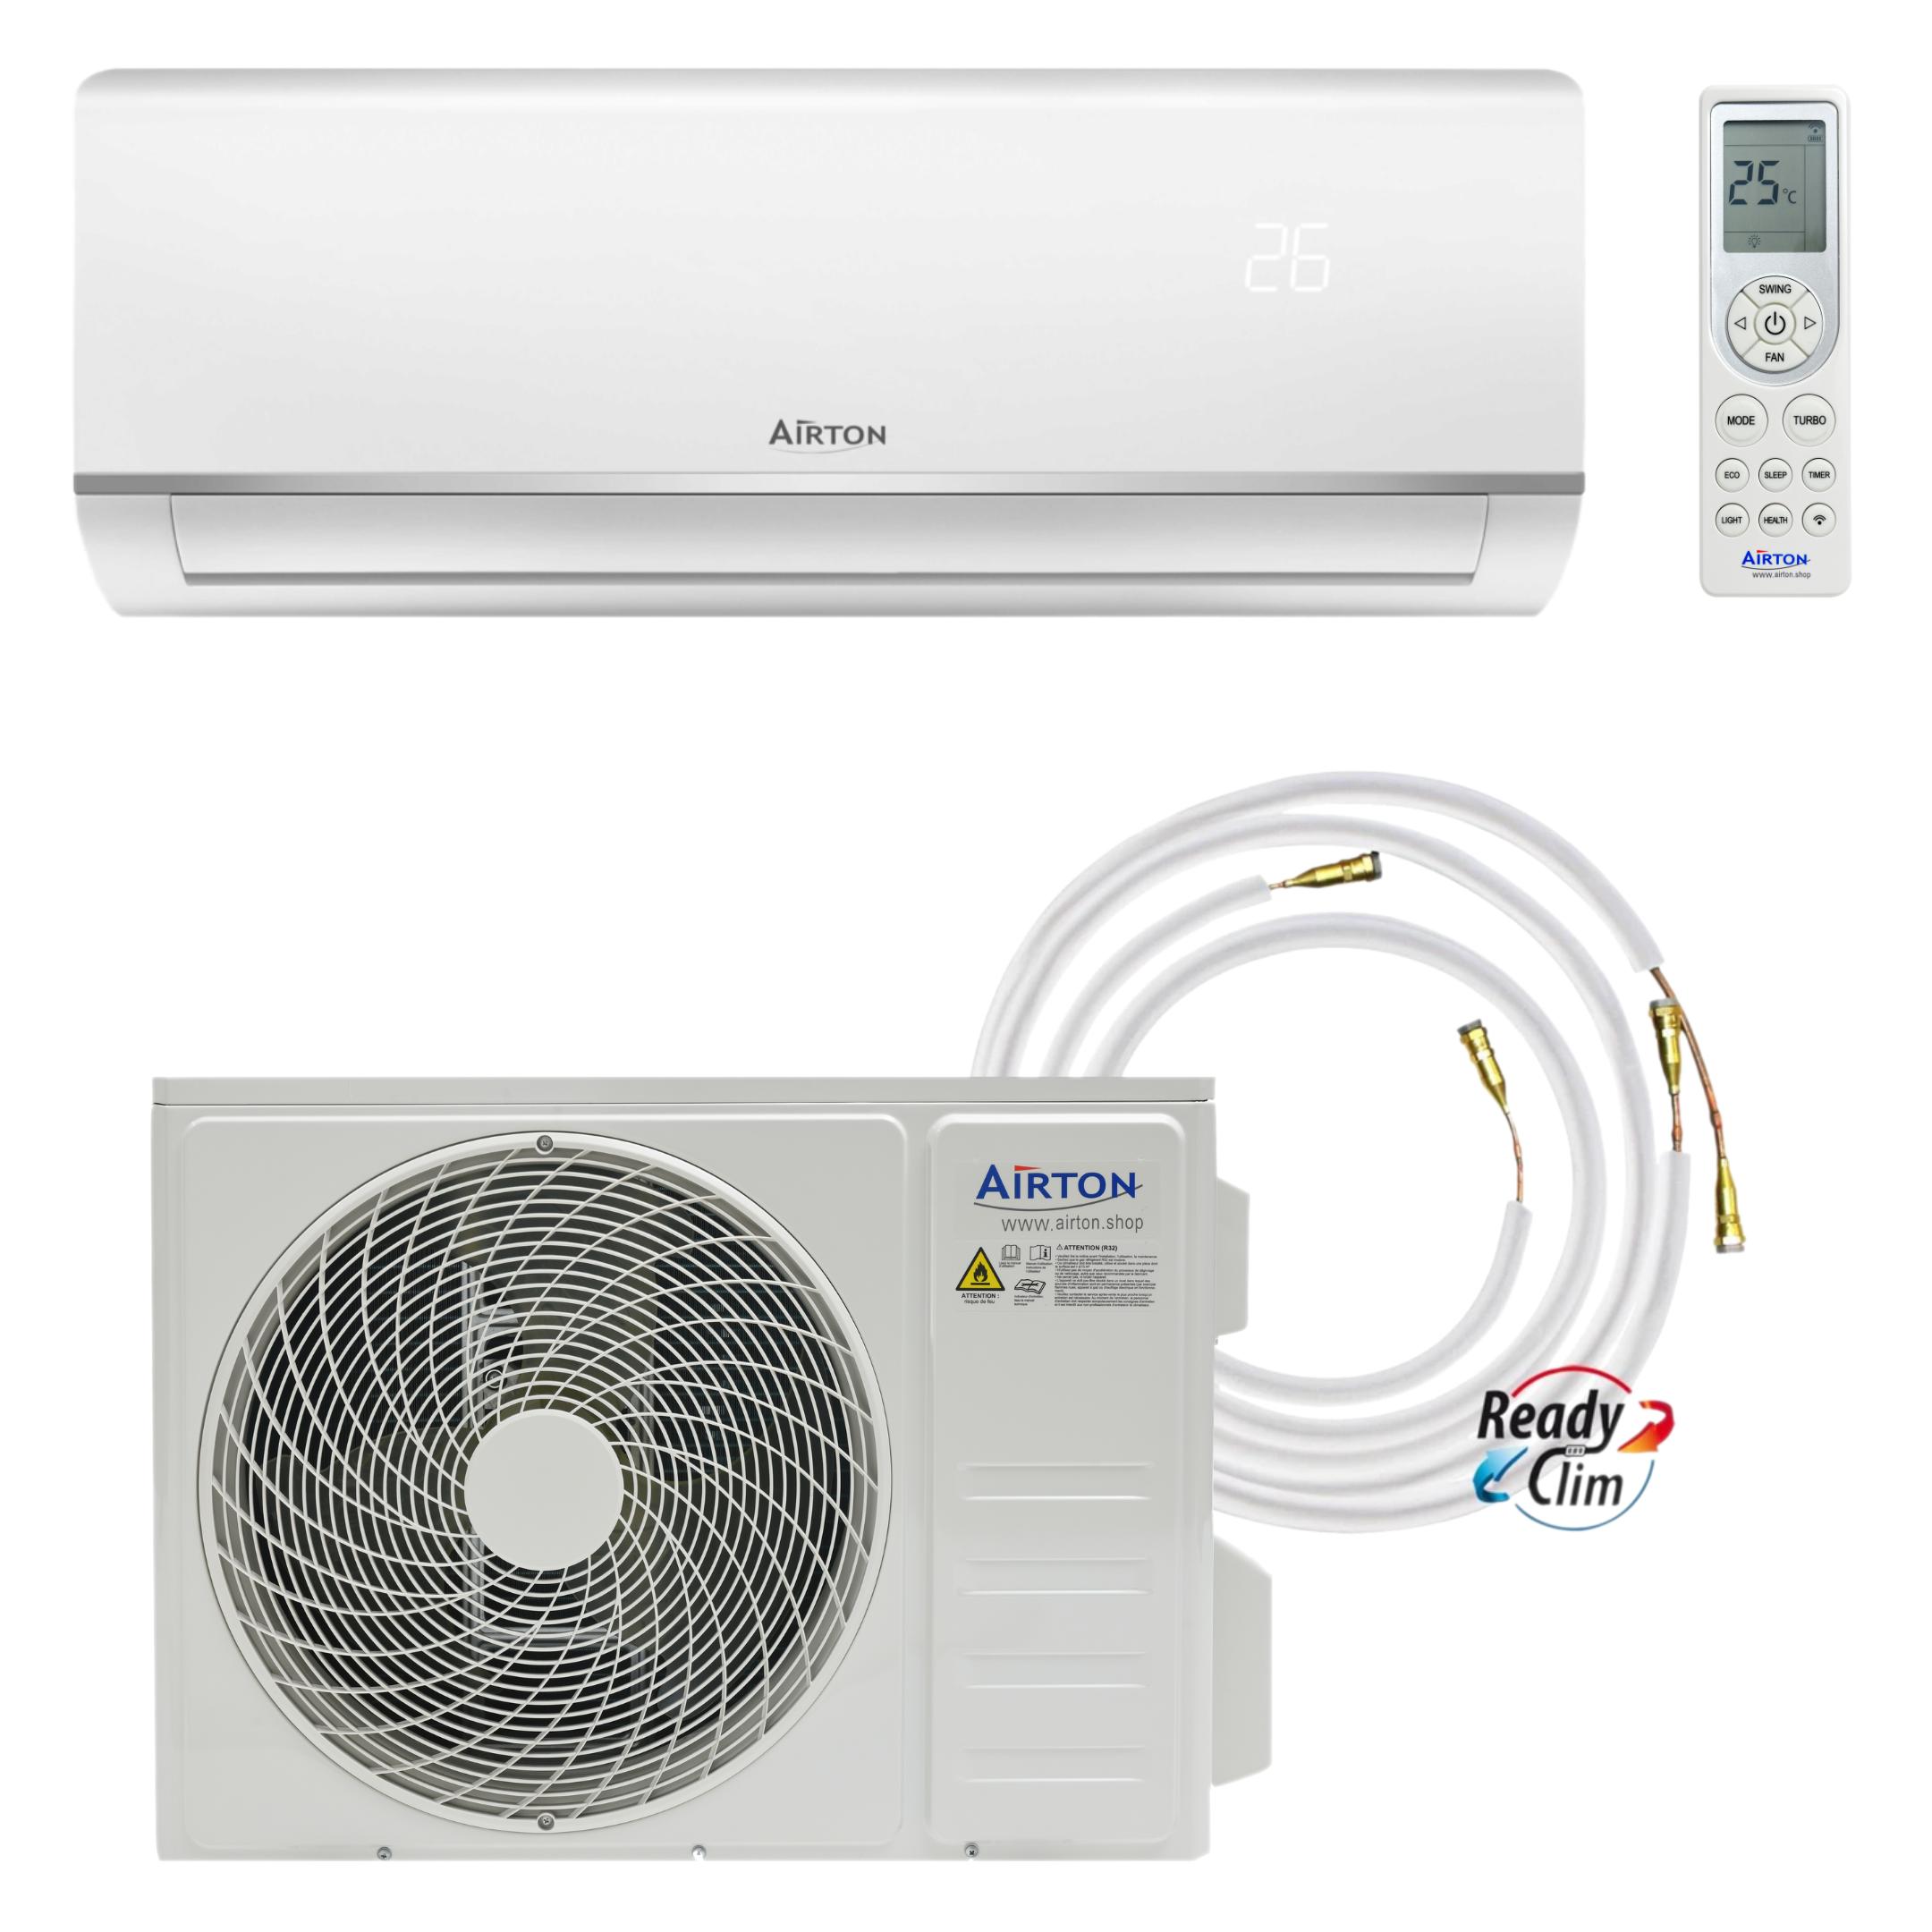 Airton Pompe à chaleur/Climatiseur Mono-Split Réversible - 3400/3600W 12000 BTU 1/4 3/8 R32 A++A+ Gaz pré-chargé + Raccordement Rapide Readyclim 4M